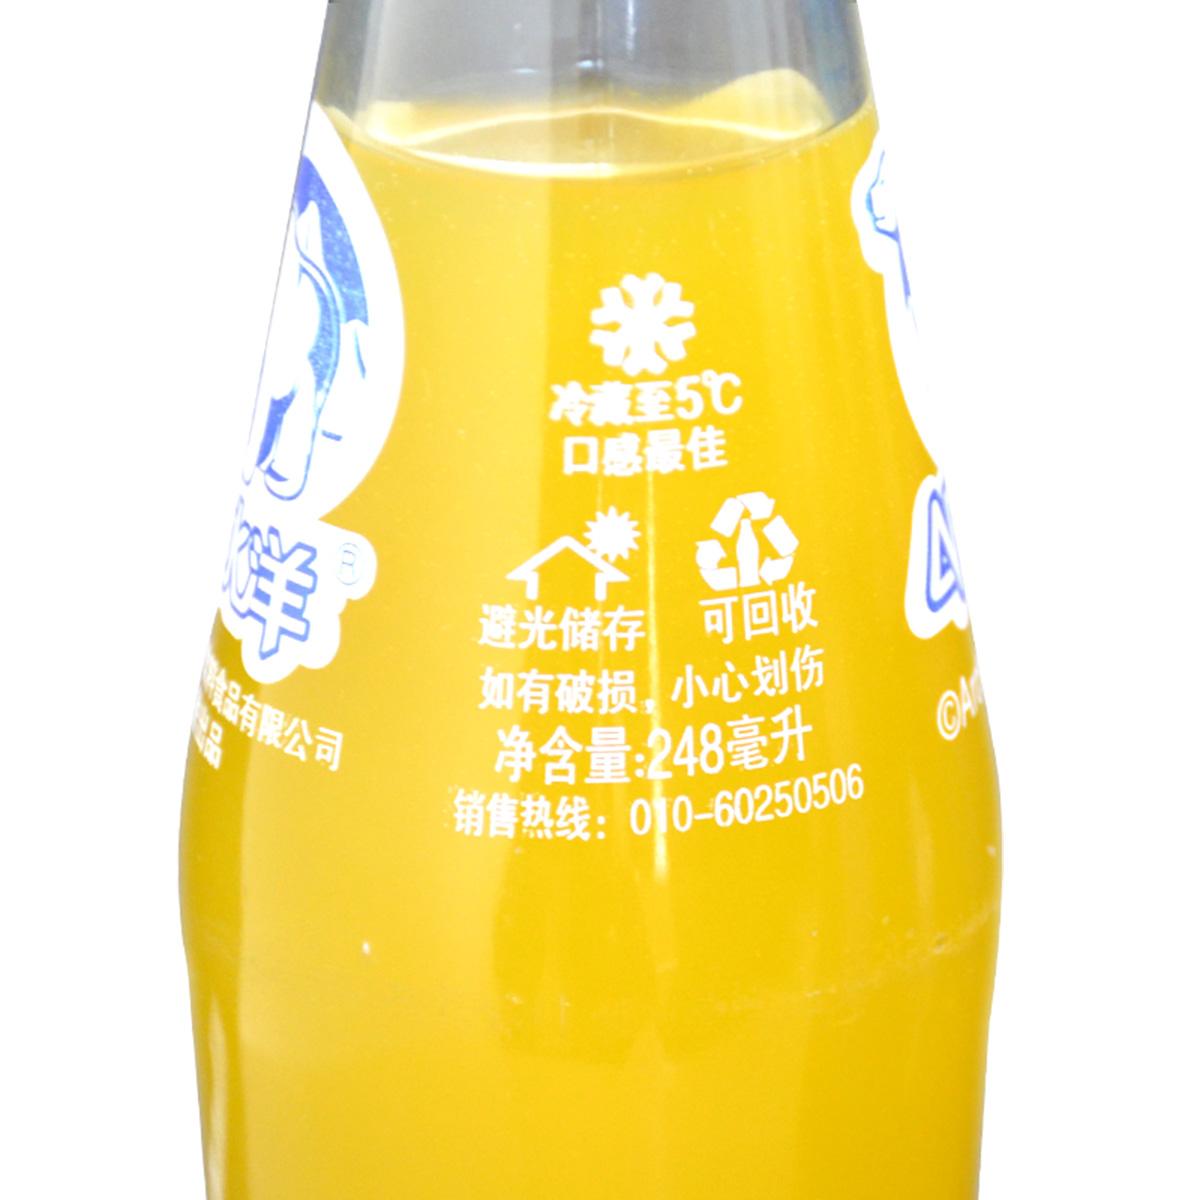 正常发货 北冰洋汽水 桔味5瓶装   聚会果汁饮料送开瓶器包邮